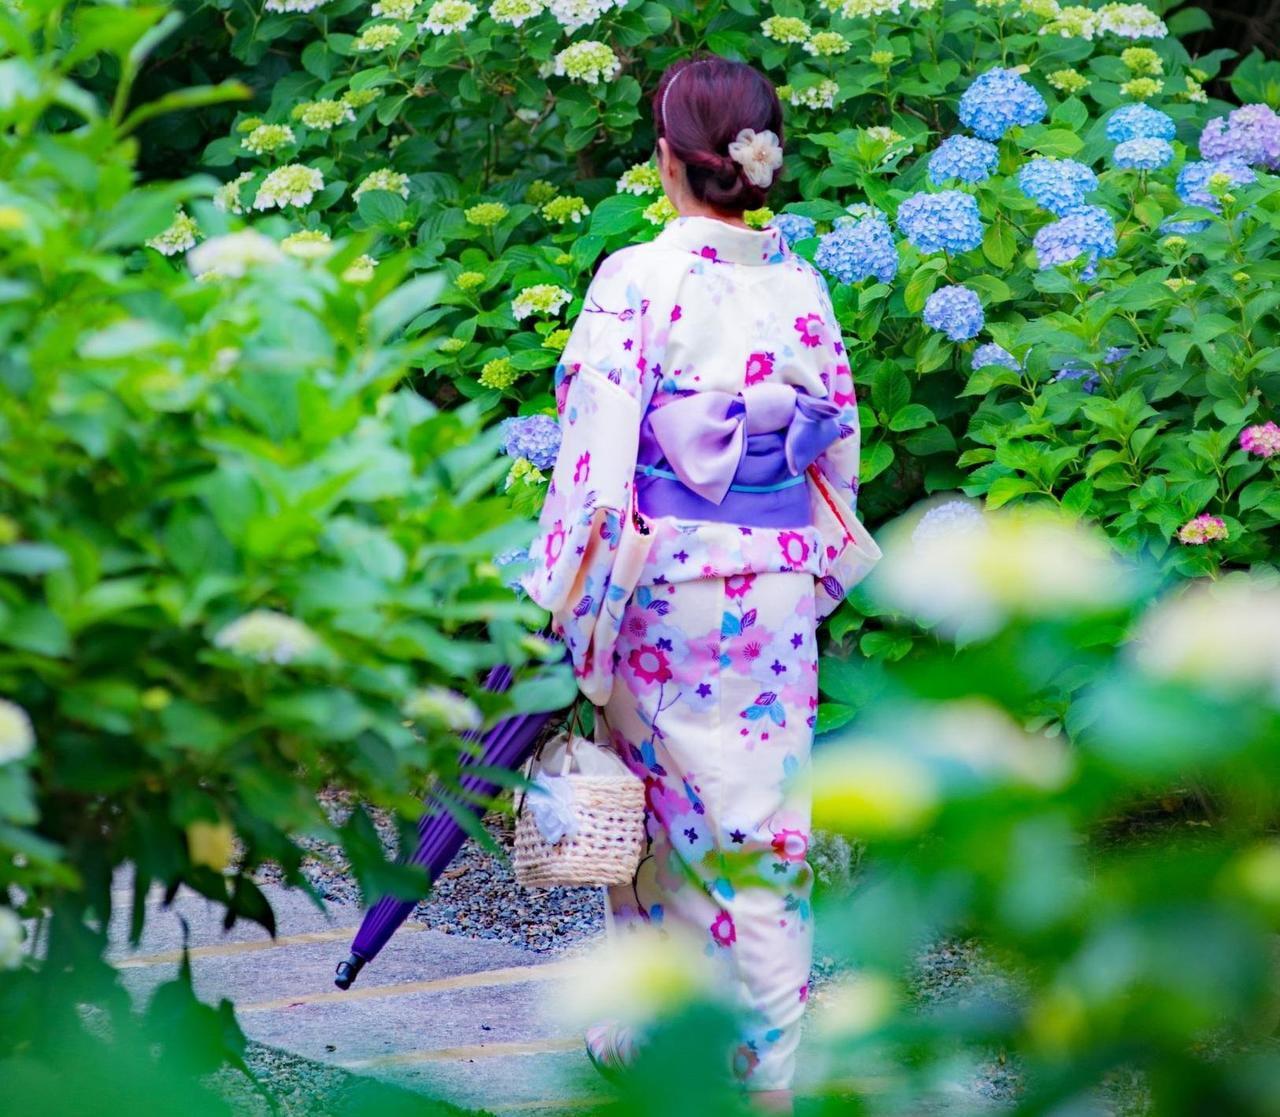 【癒しのお花トリップ】雨に洗われる紫陽花の名所2019兵庫県